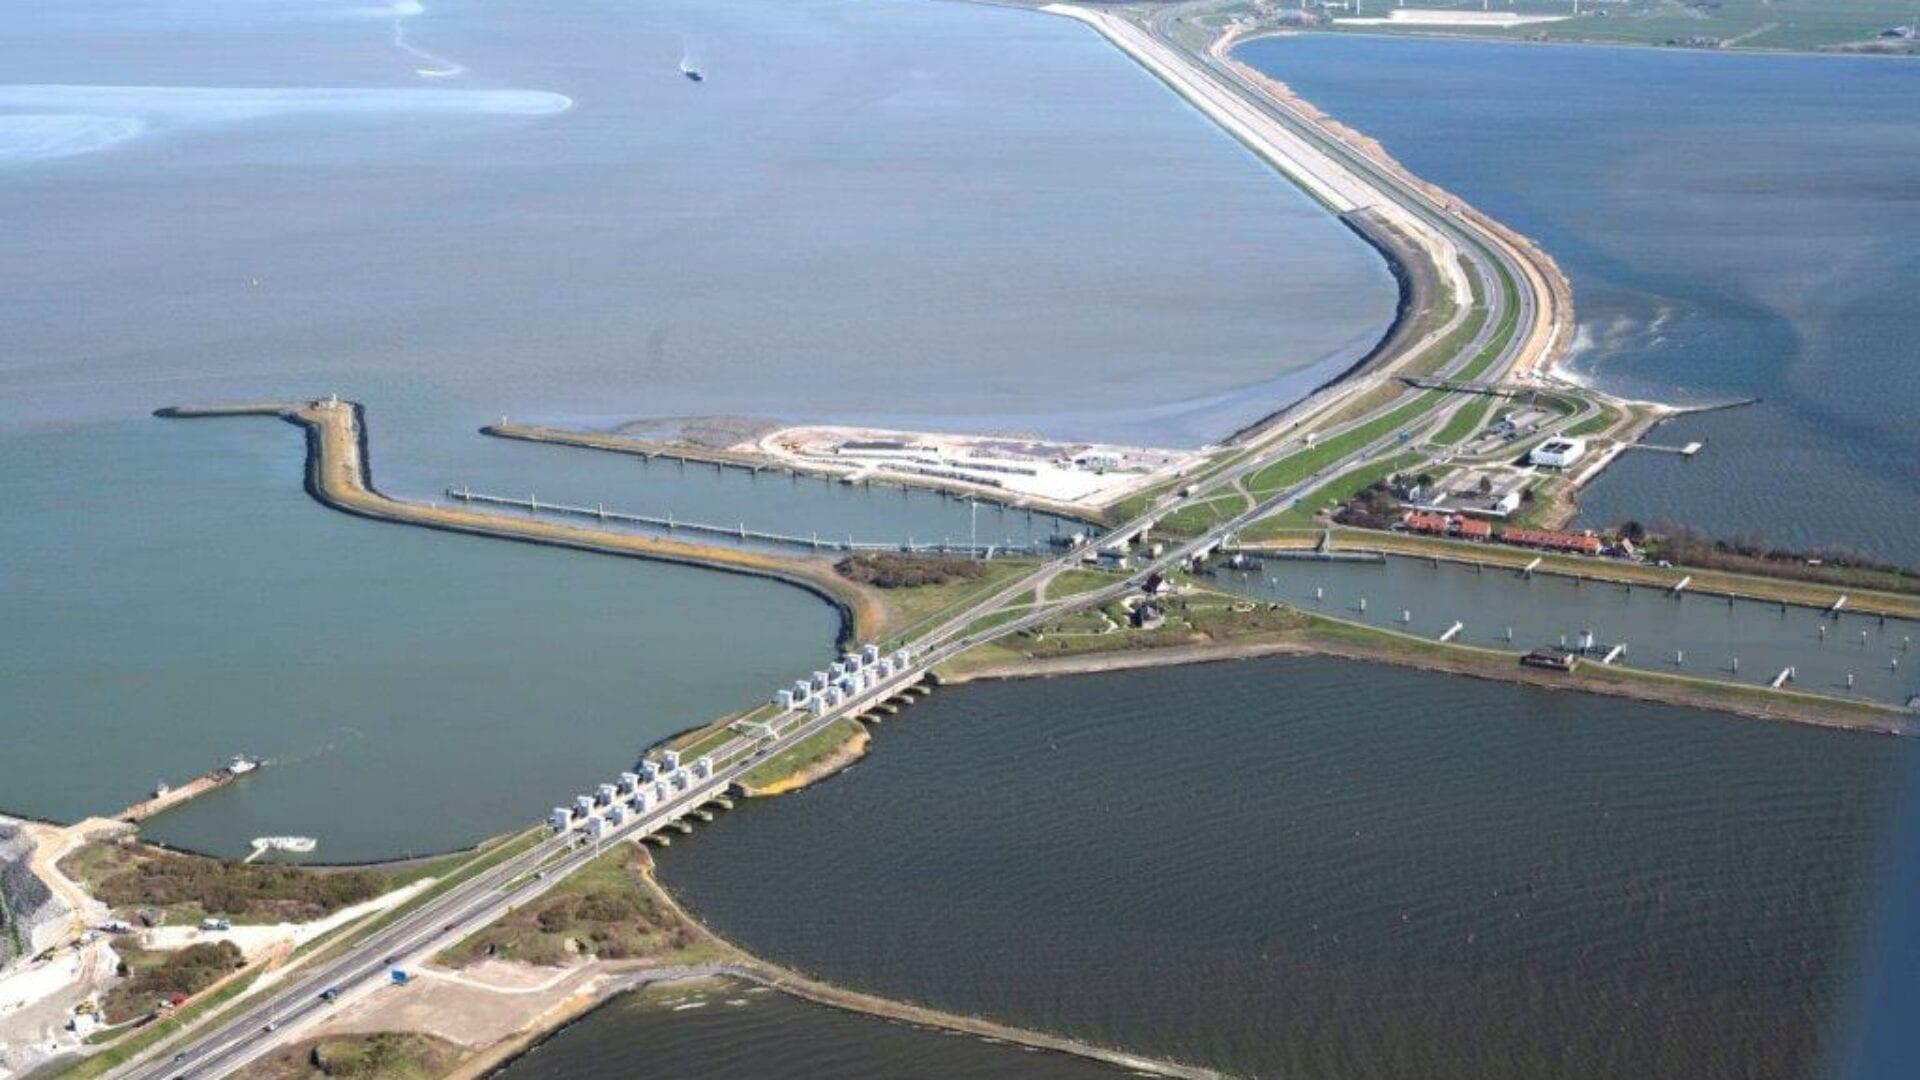 Luchtfoto van de sluizen bij Kornwerderzand. Je ziet van linksonder naar rechtsboven de weg en Afsluitdijk lopen. In de linkerhoek zie je een werkgebied. Daarna volgen we de weg en zien we de witte sluisgebouwen. Daarna zie je vier horizontale landstroken en rechts een beetje van Kornwerderzand. Aan het einde van de weg zie je een stukje van Fryslân.